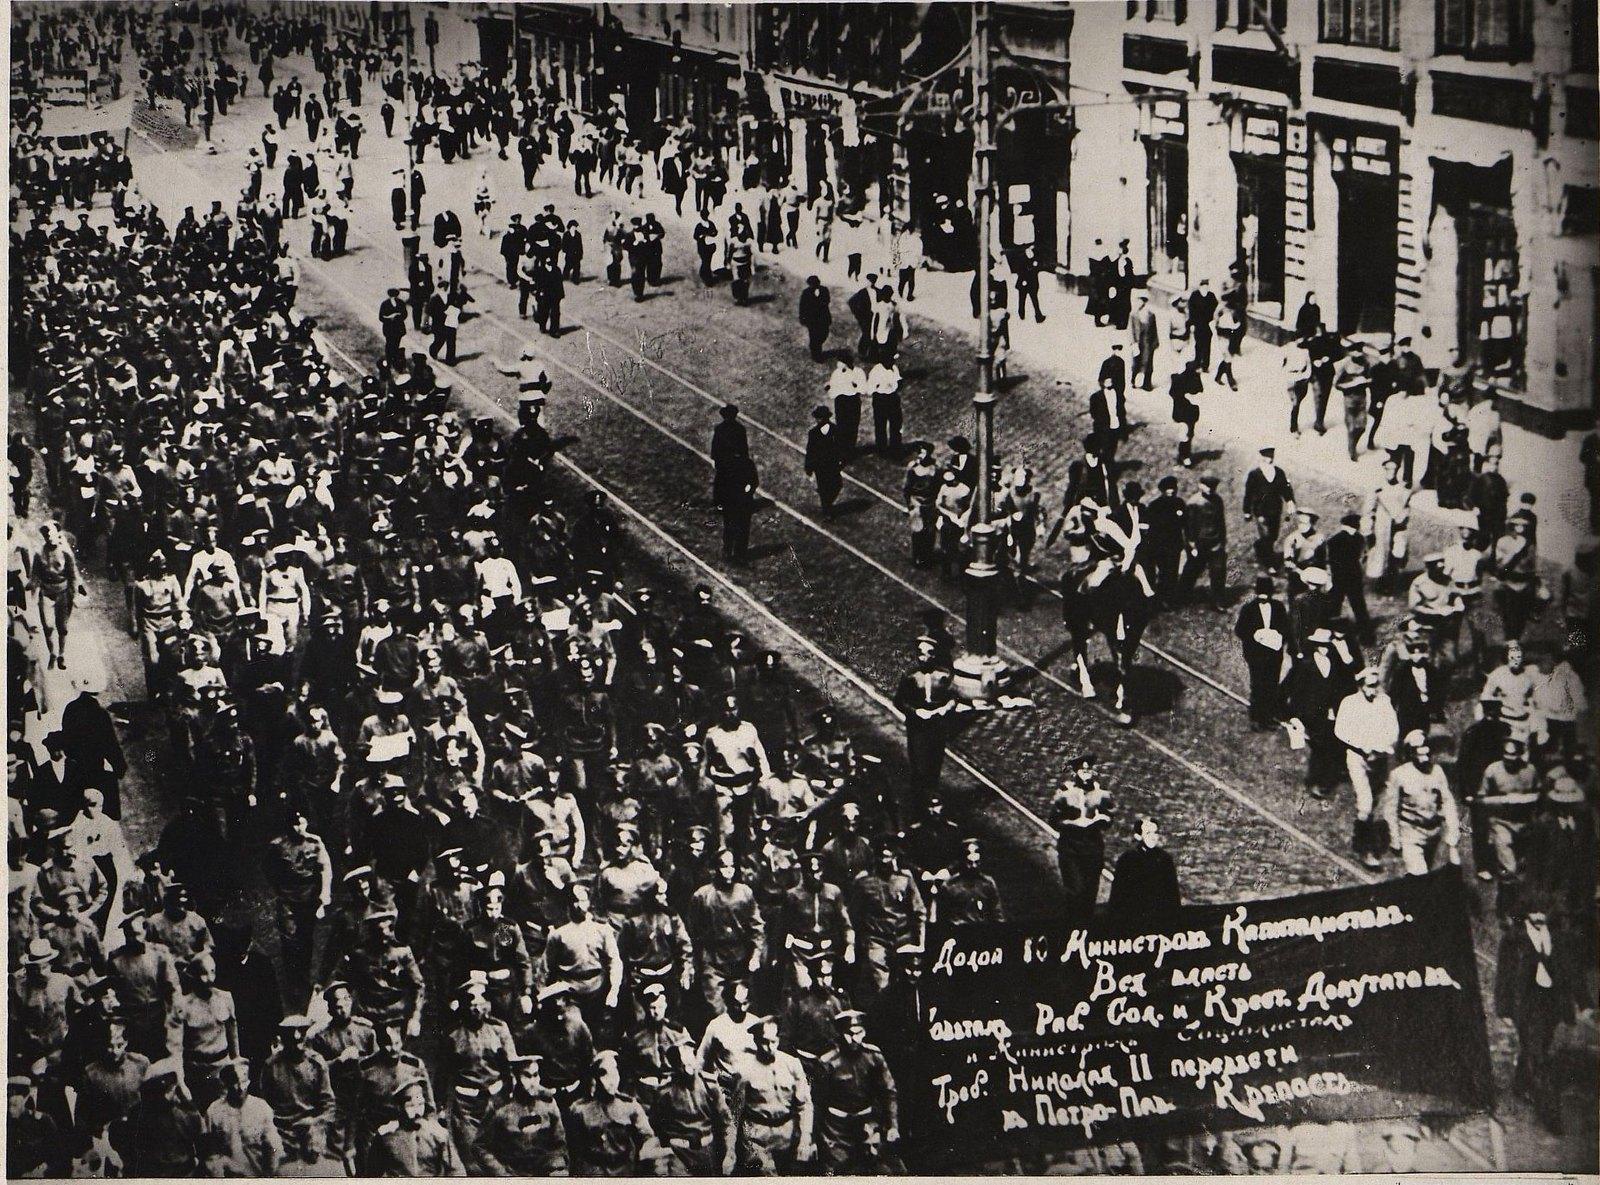 18 июня. Демонстрация рабочих и солдат против Временного правительства на Невском проспекте